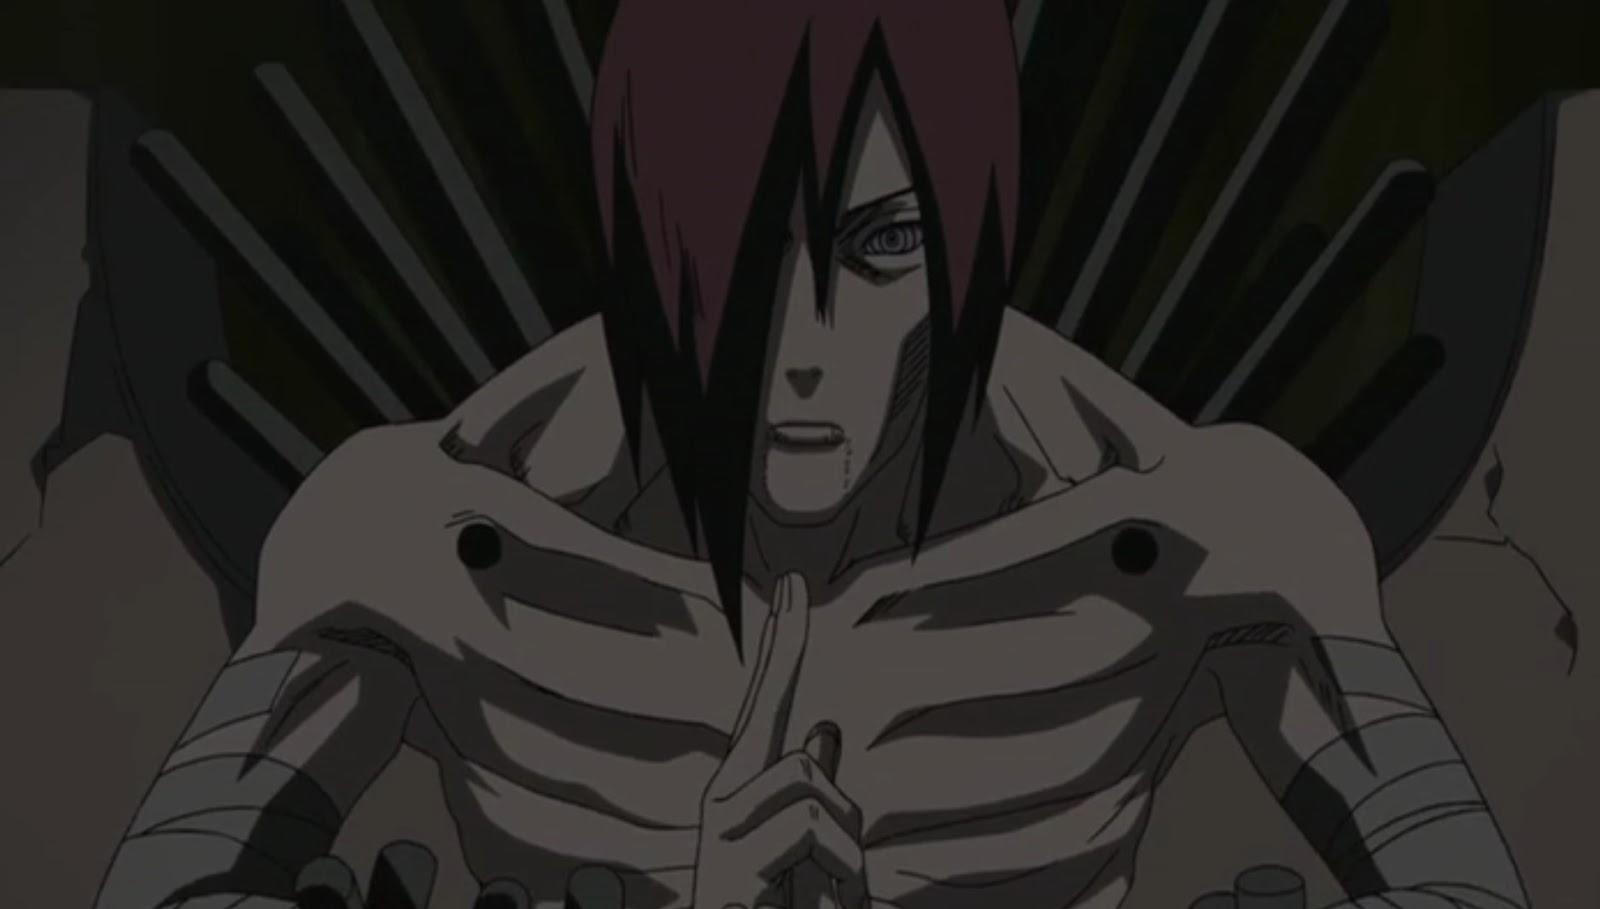 Naruto Shippuden Episódio 174, Assistir Naruto Shippuden Episódio 174, Assistir Naruto Shippuden Todos os Episódios Legendado, Naruto Shippuden episódio 174,HD